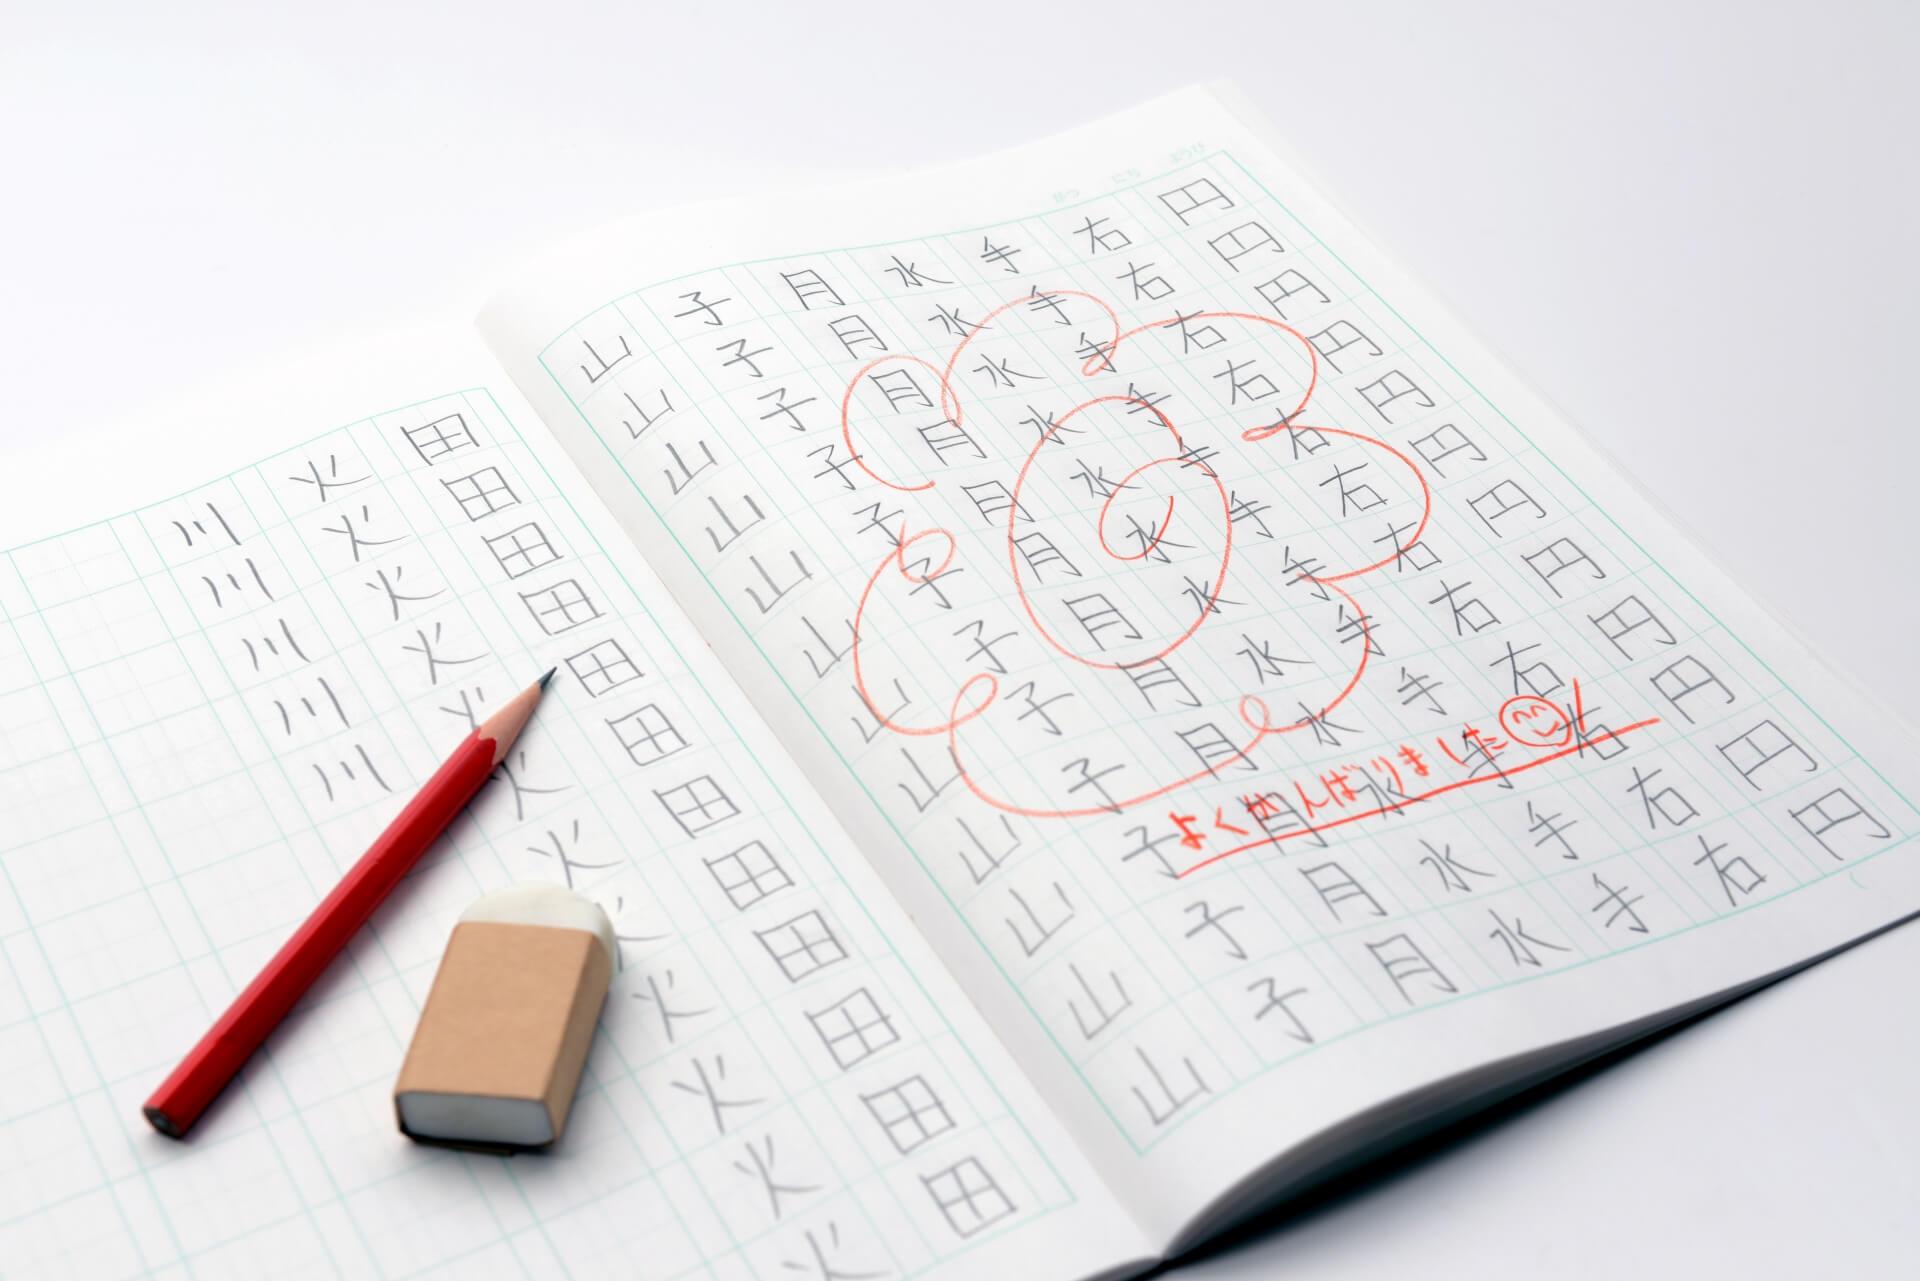 漢字の書き順の覚え方は?